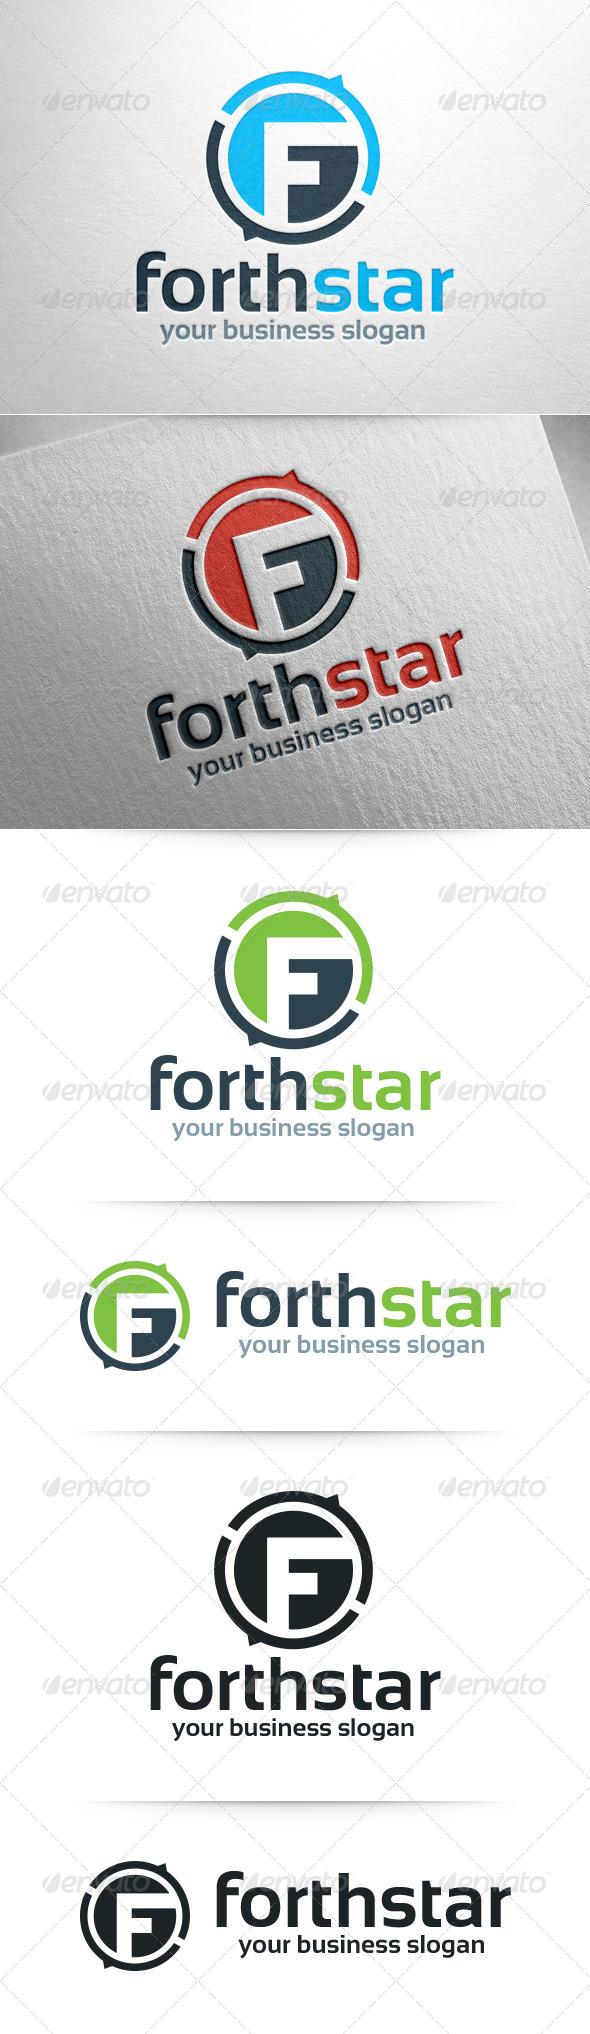 Forthstar Letter F Logo Template